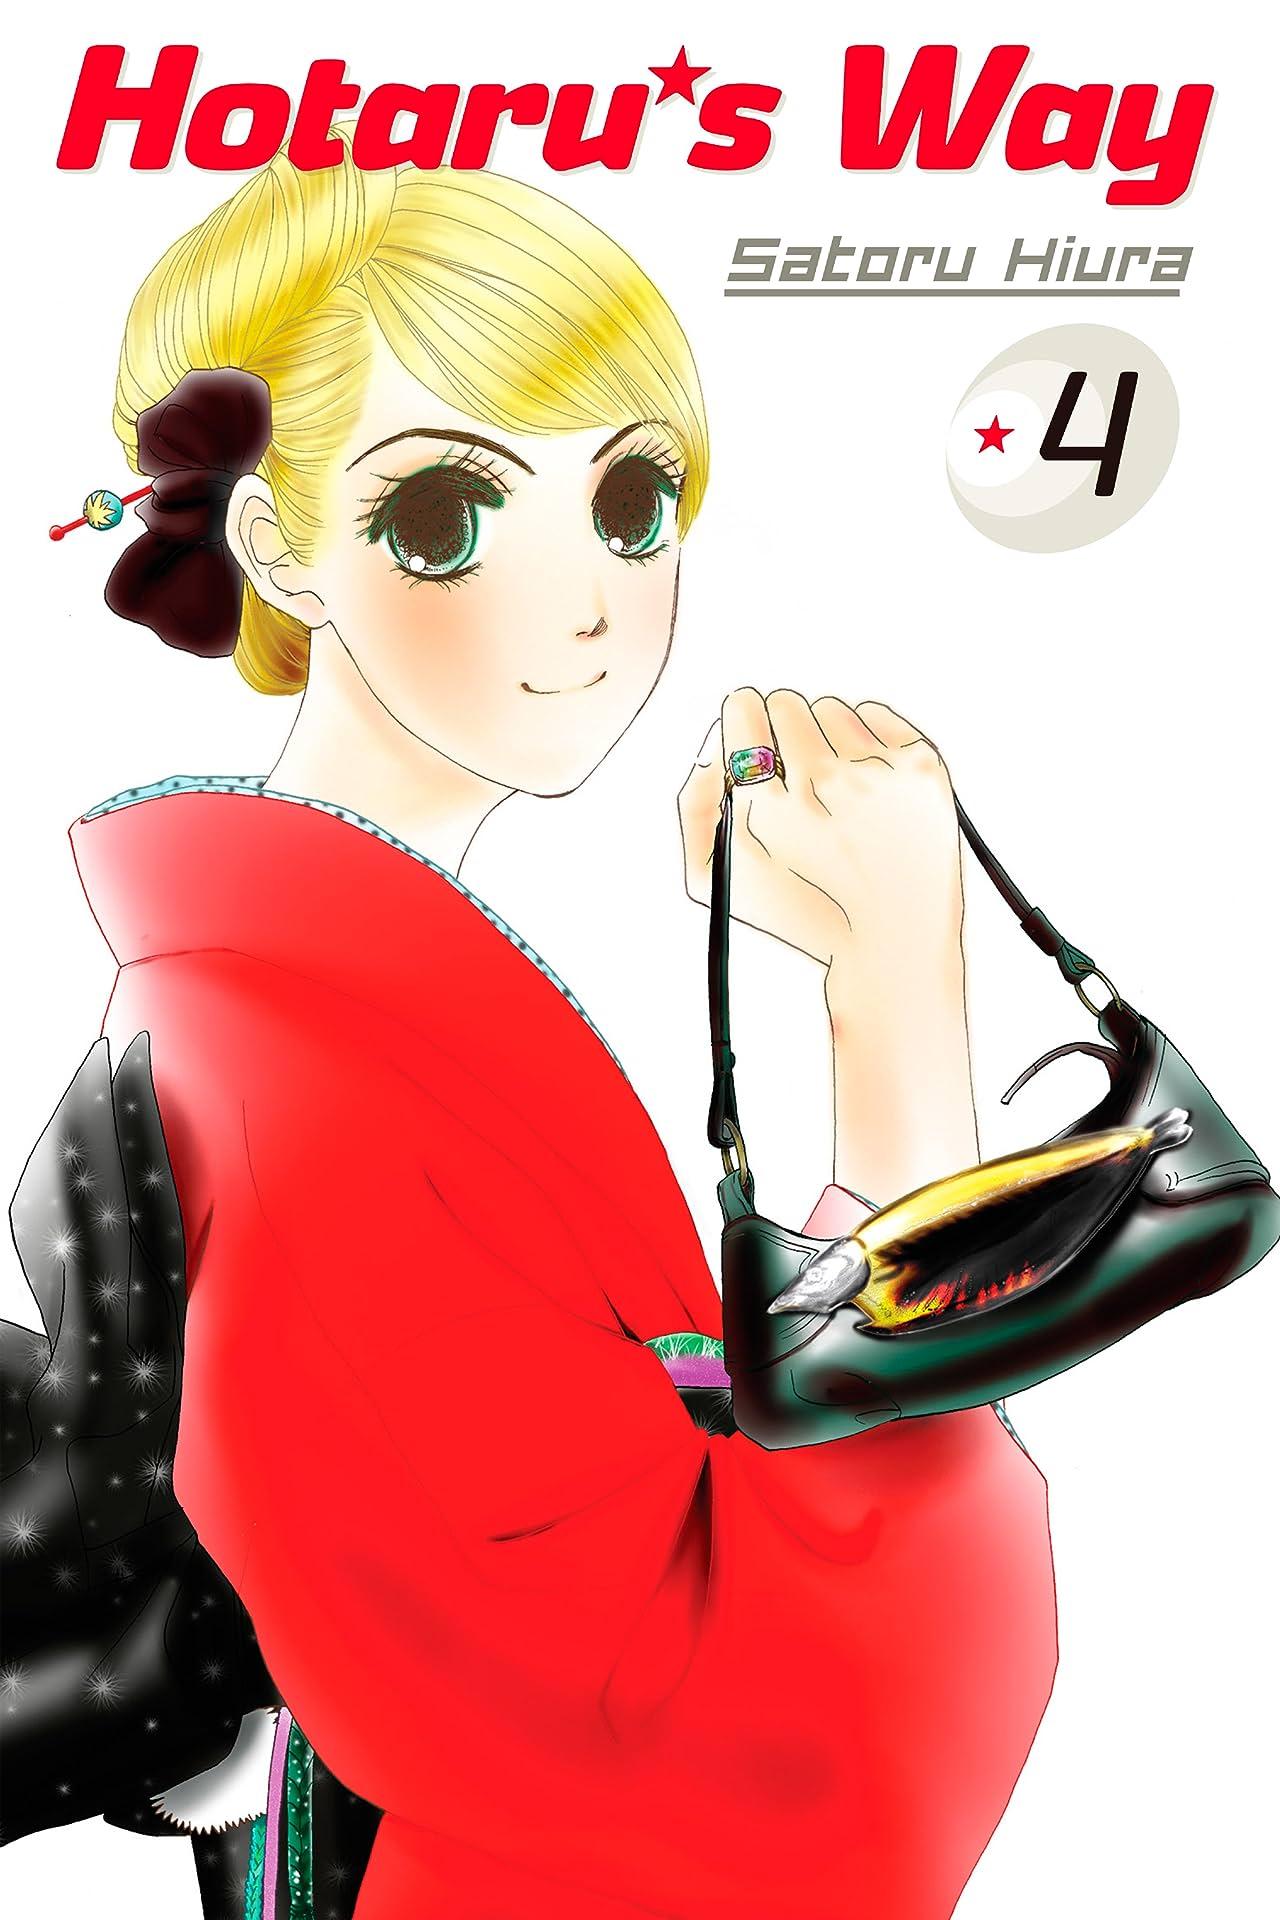 Hotaru's Way Vol. 4